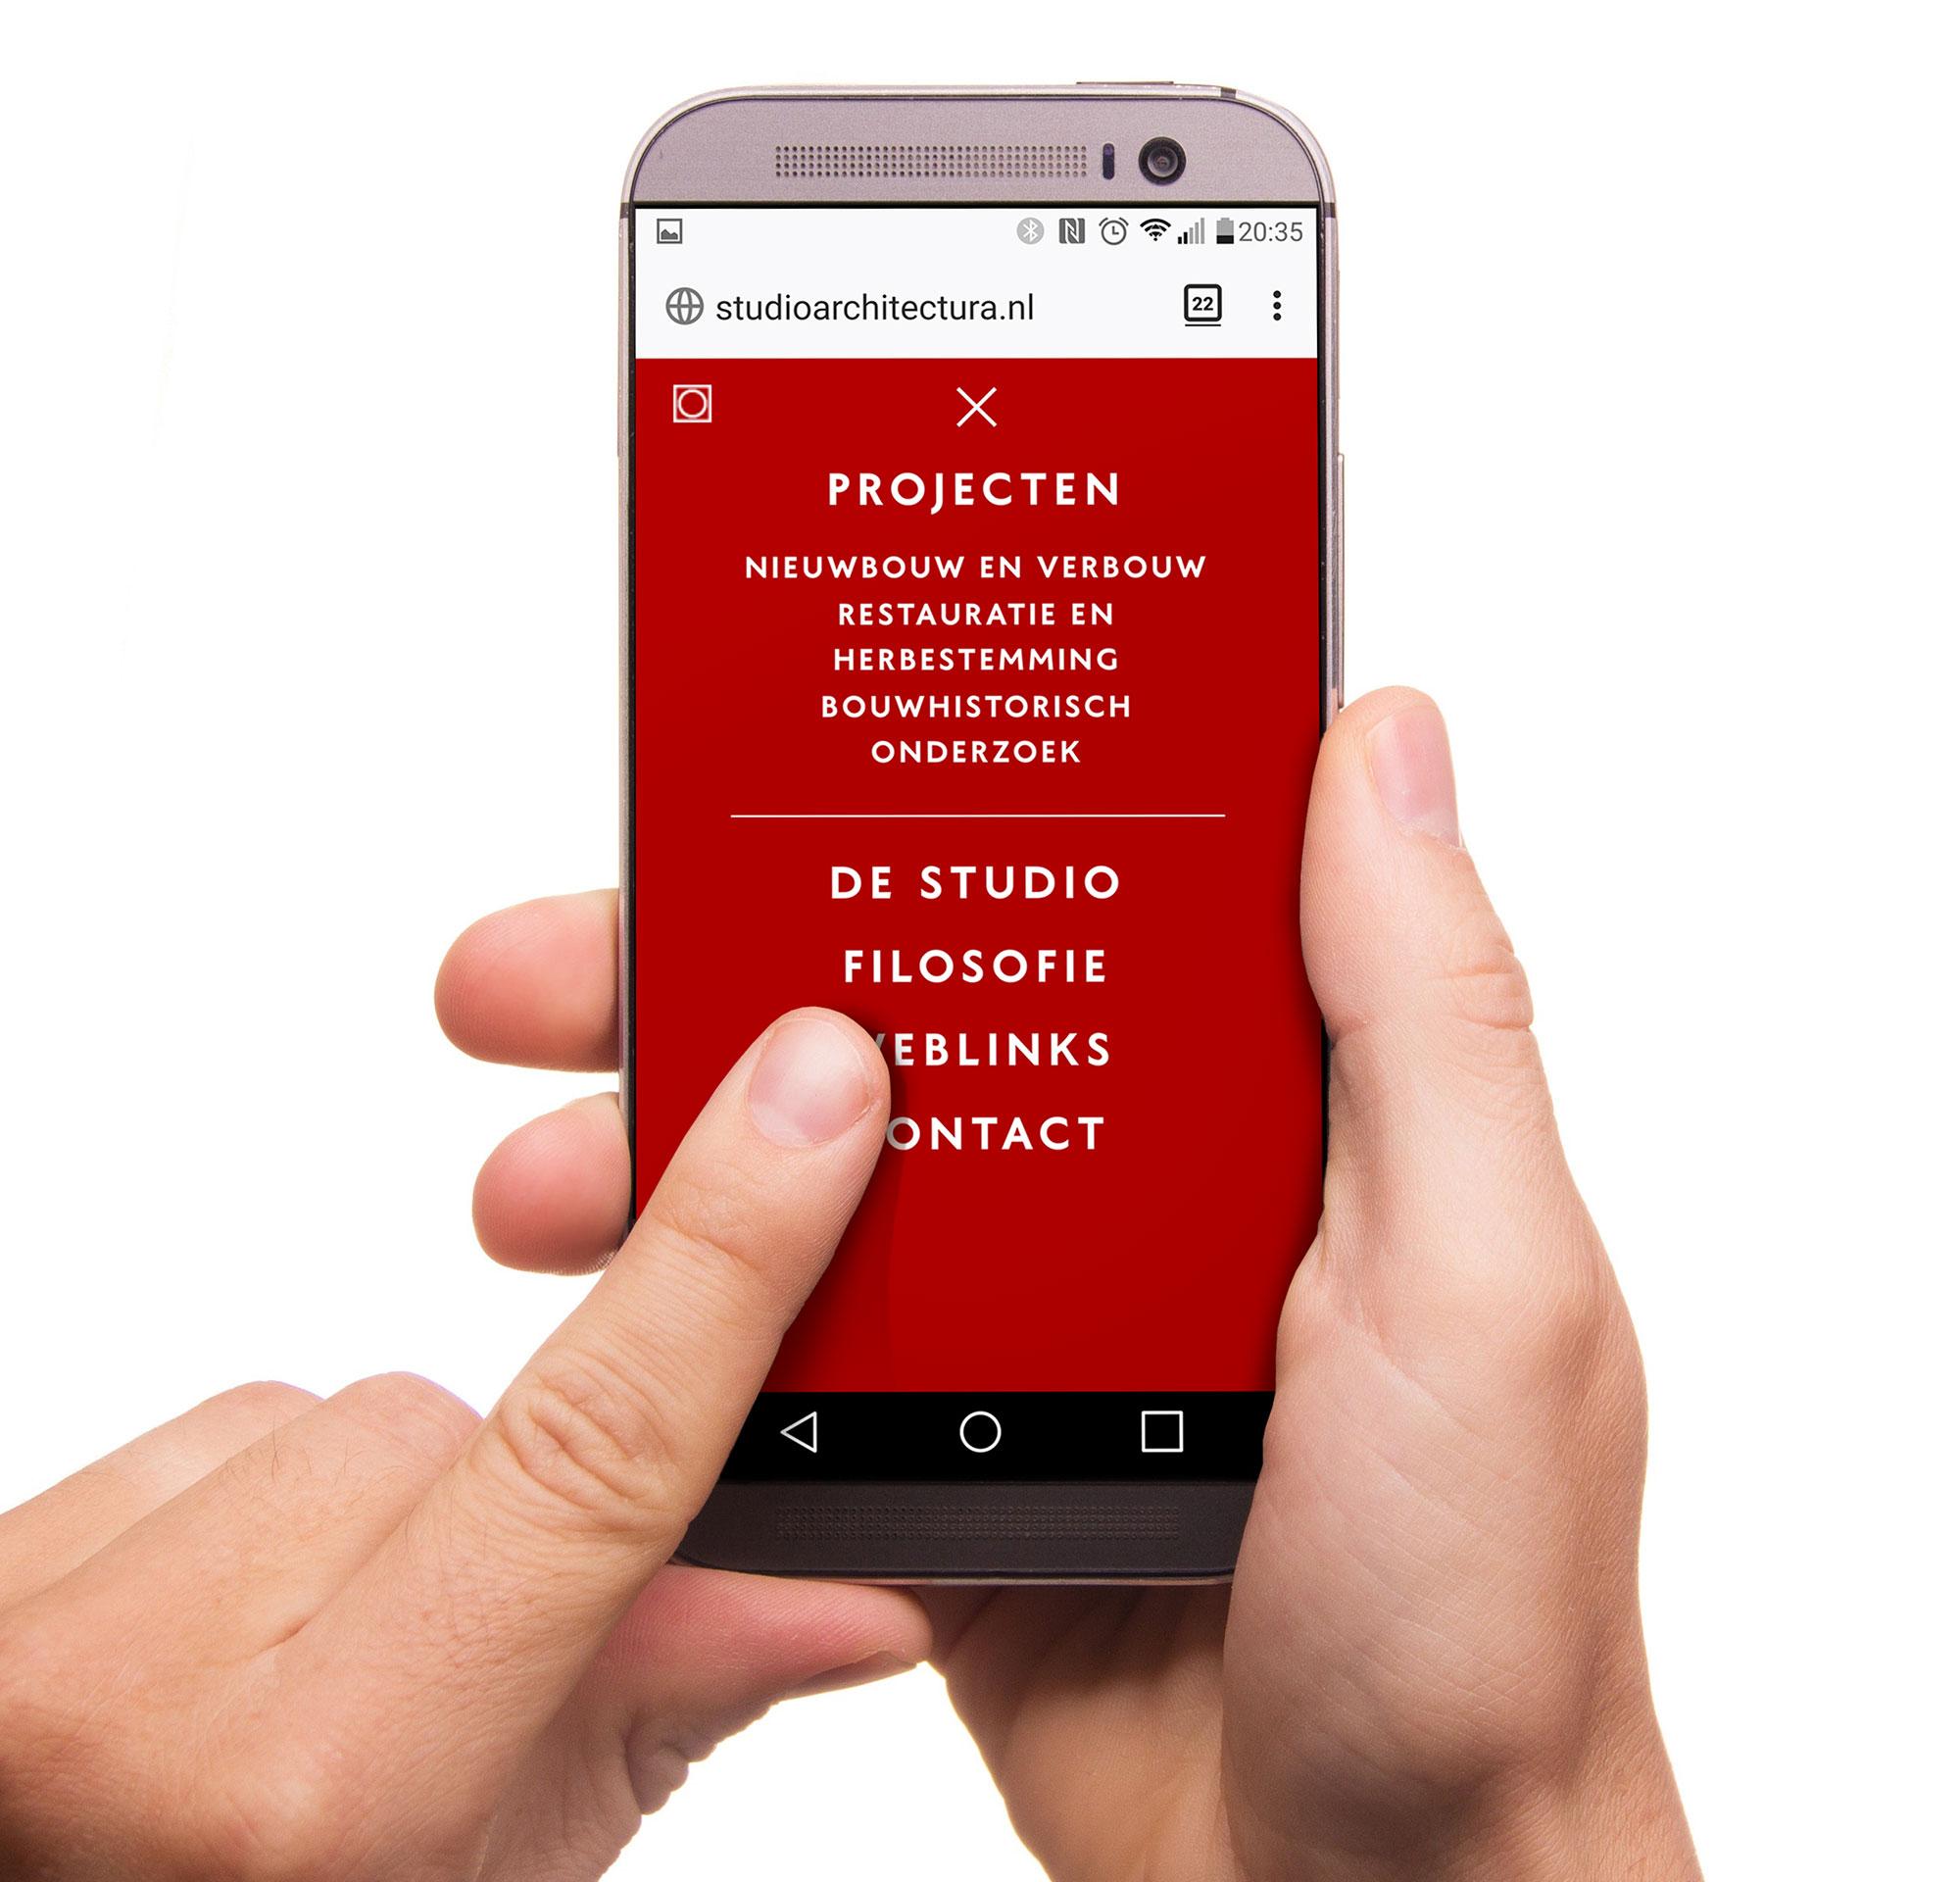 Impulsar-Architectura-Smartphone